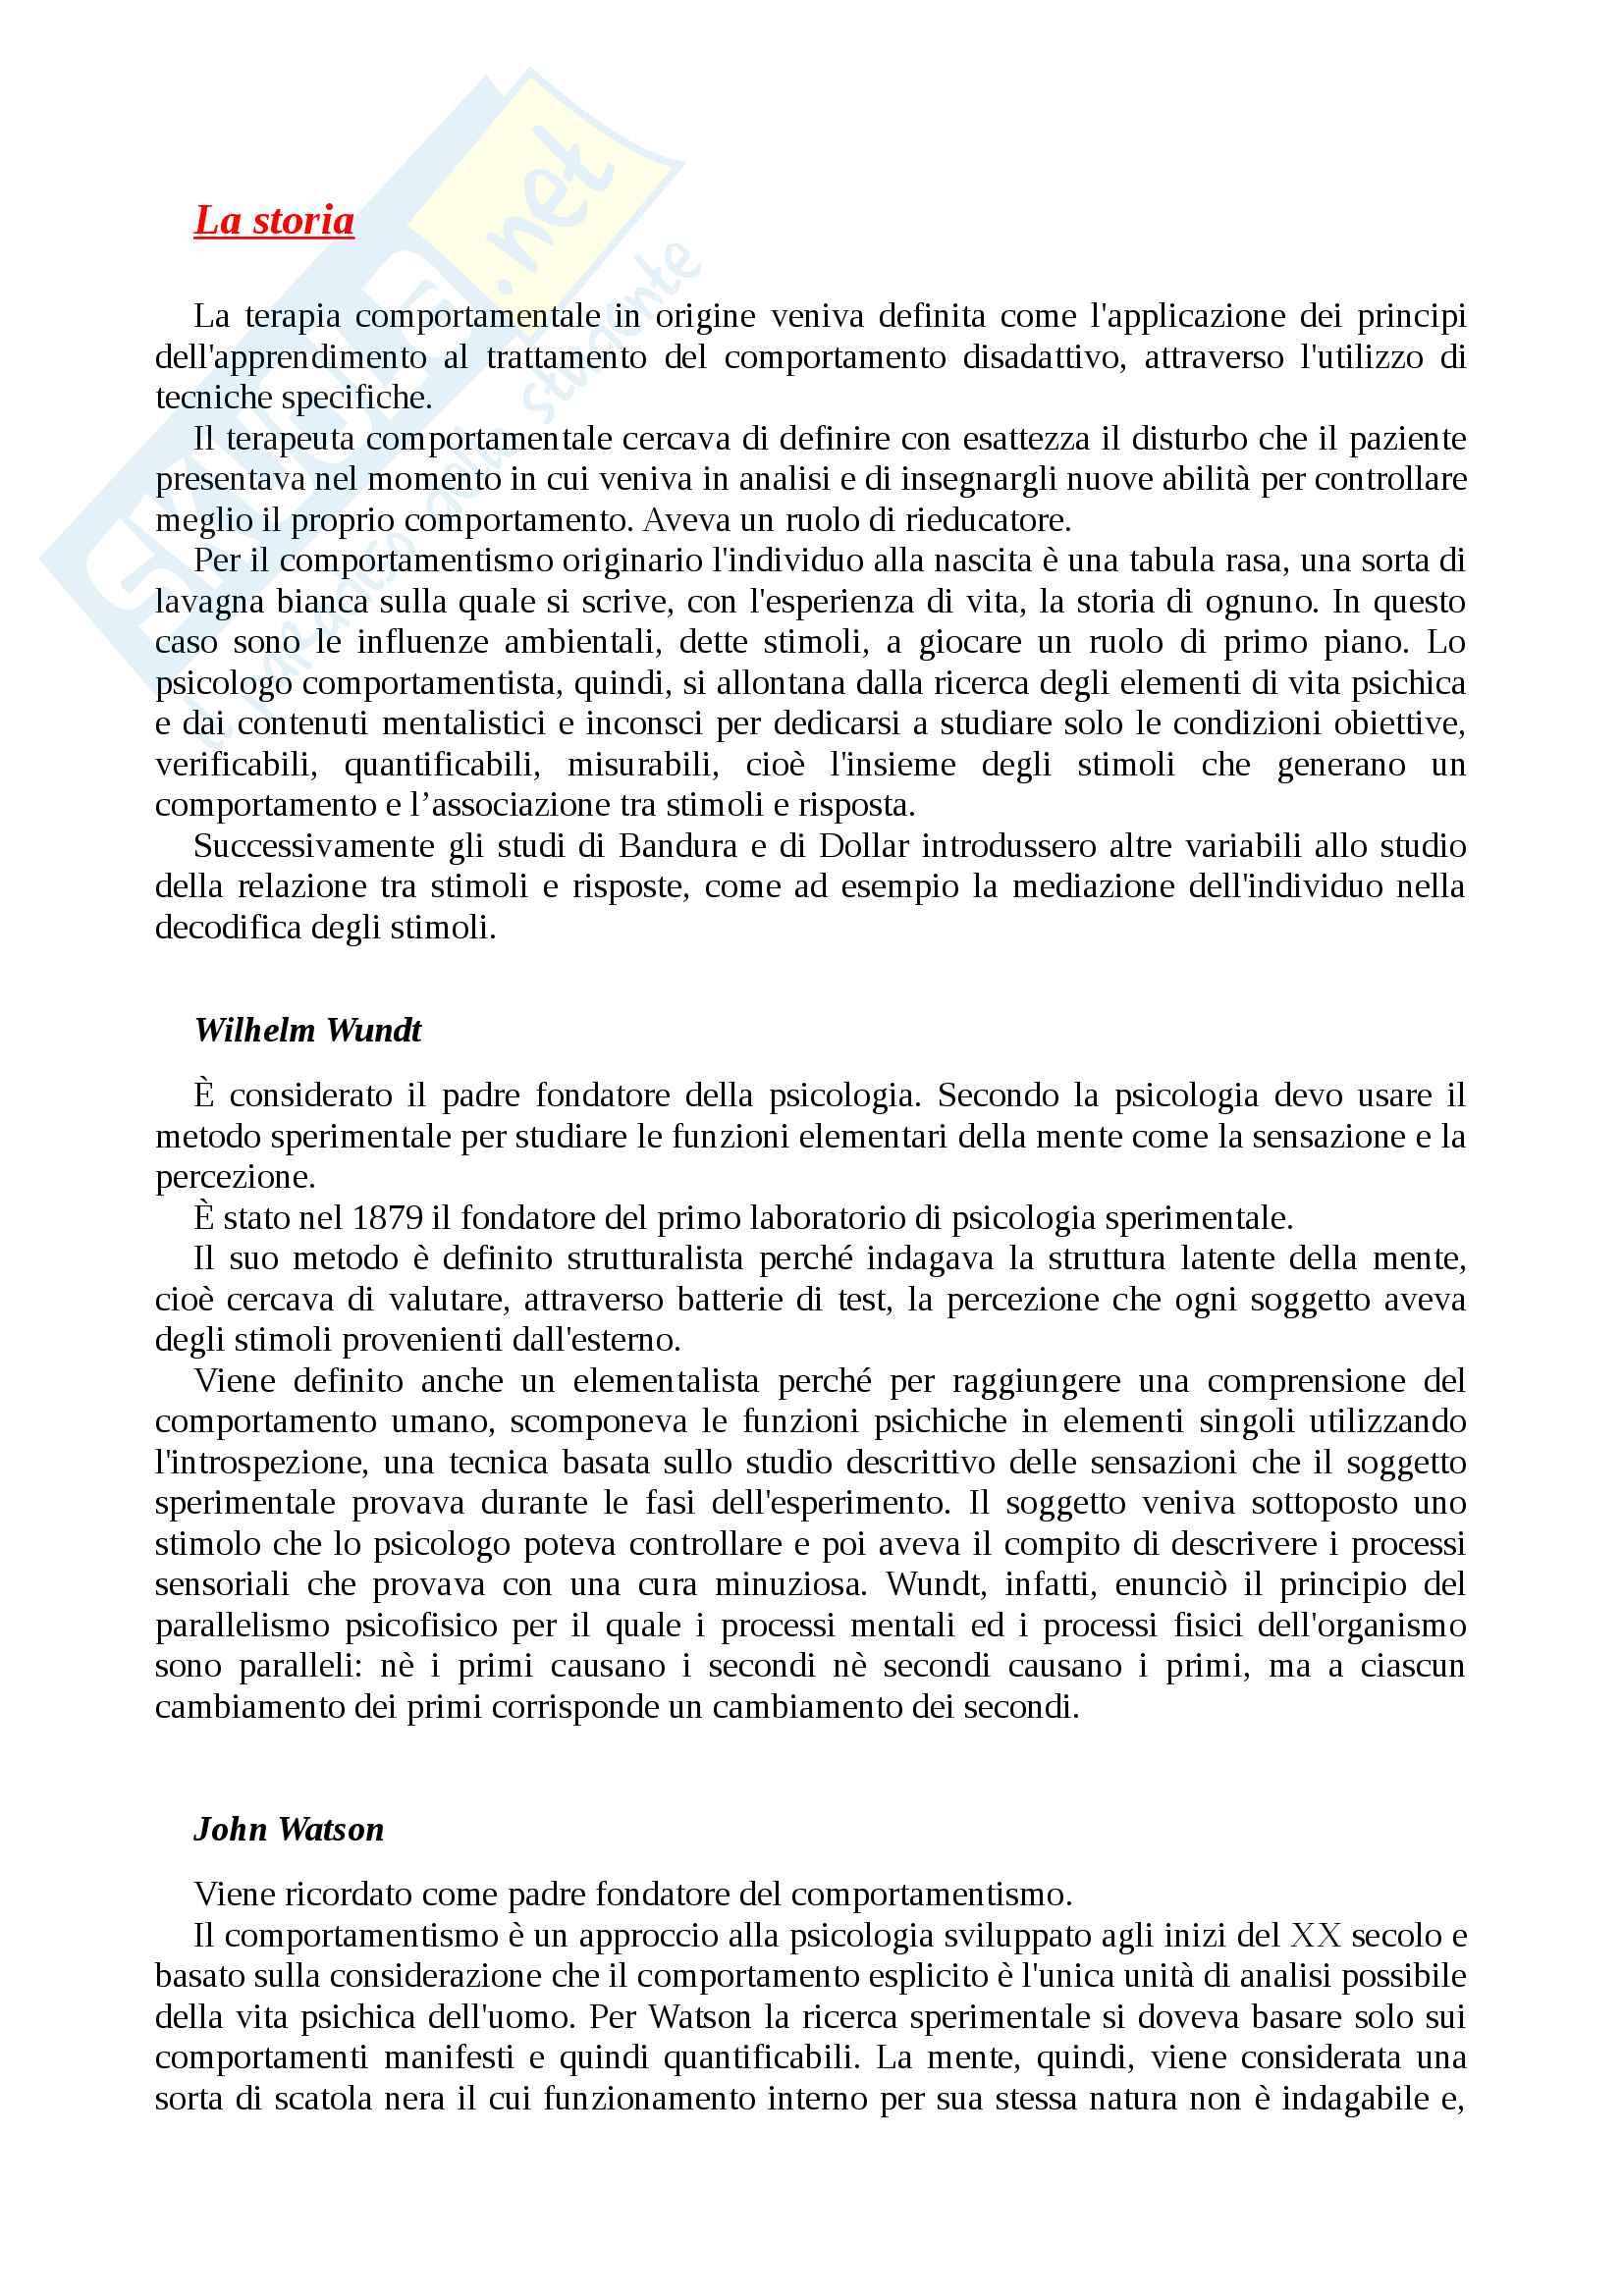 """Riassunto esame psicologia generale, prof Renzi, testo consigliato Il comportamentismo. Alla scoperta della natura delle azioni dell'uomo"""" di E. Balconi"""